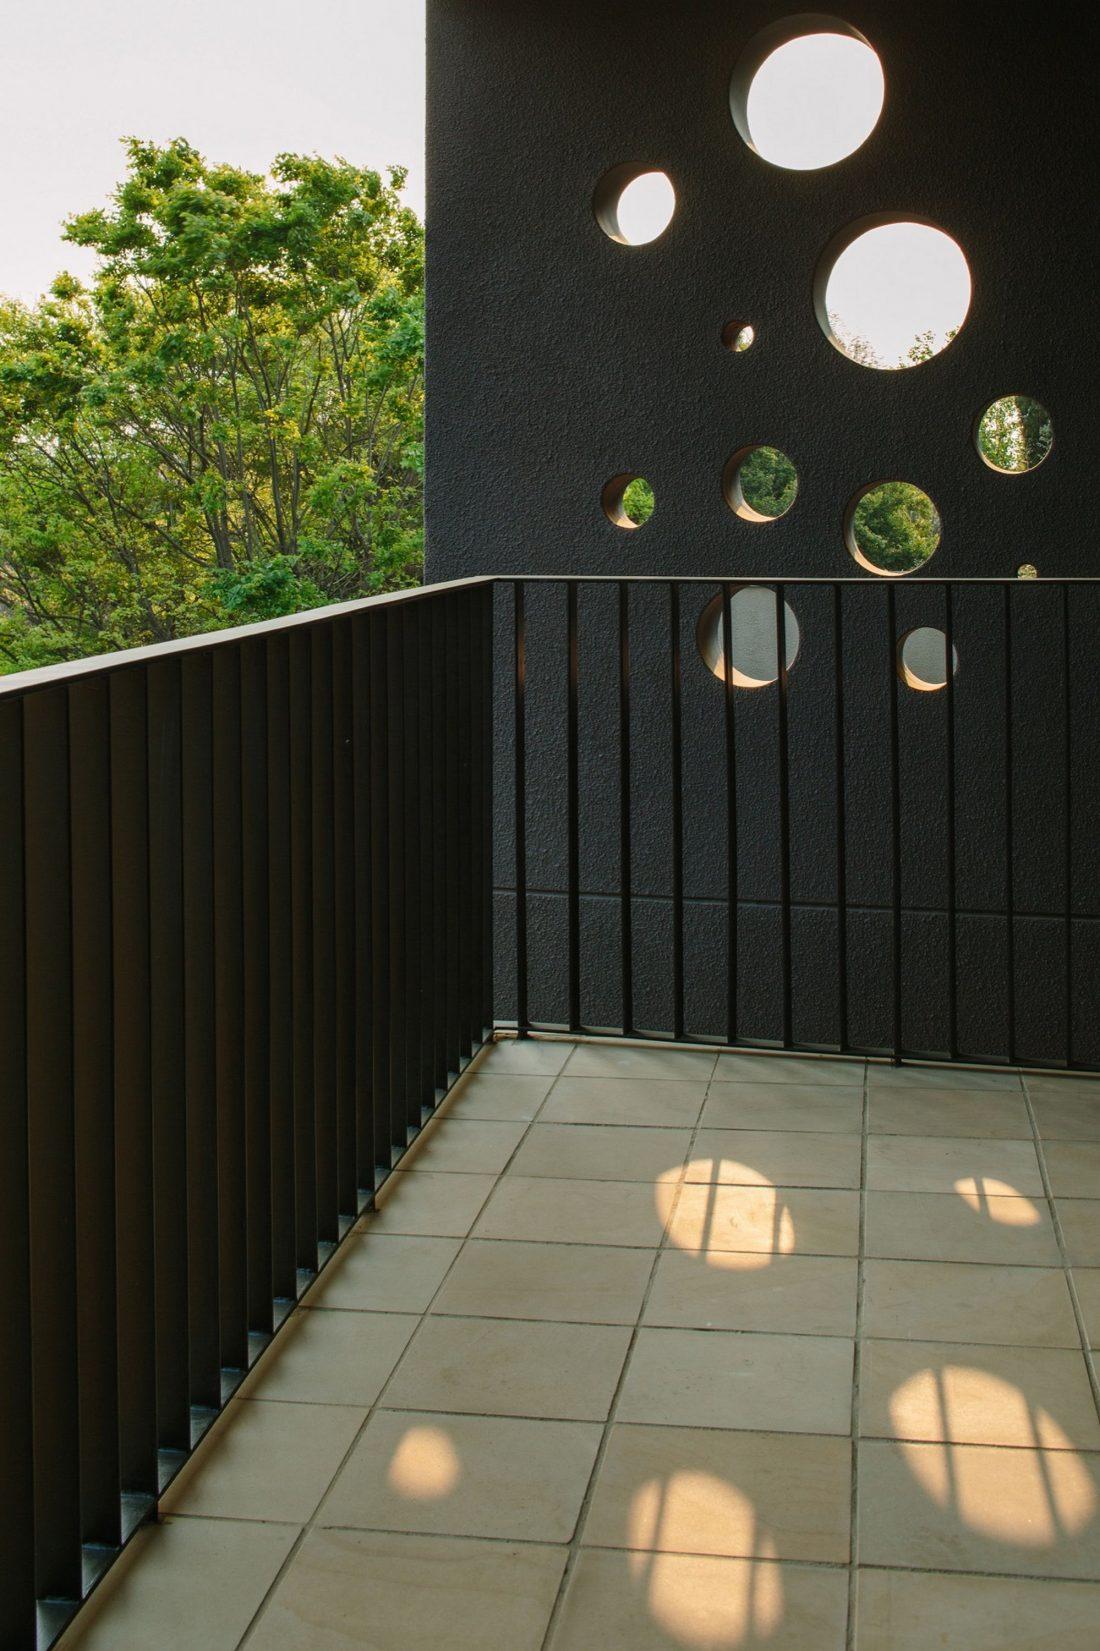 granitnyj-dom-komfortnoe-zhile-vysokaya-energoeffektivnost-9